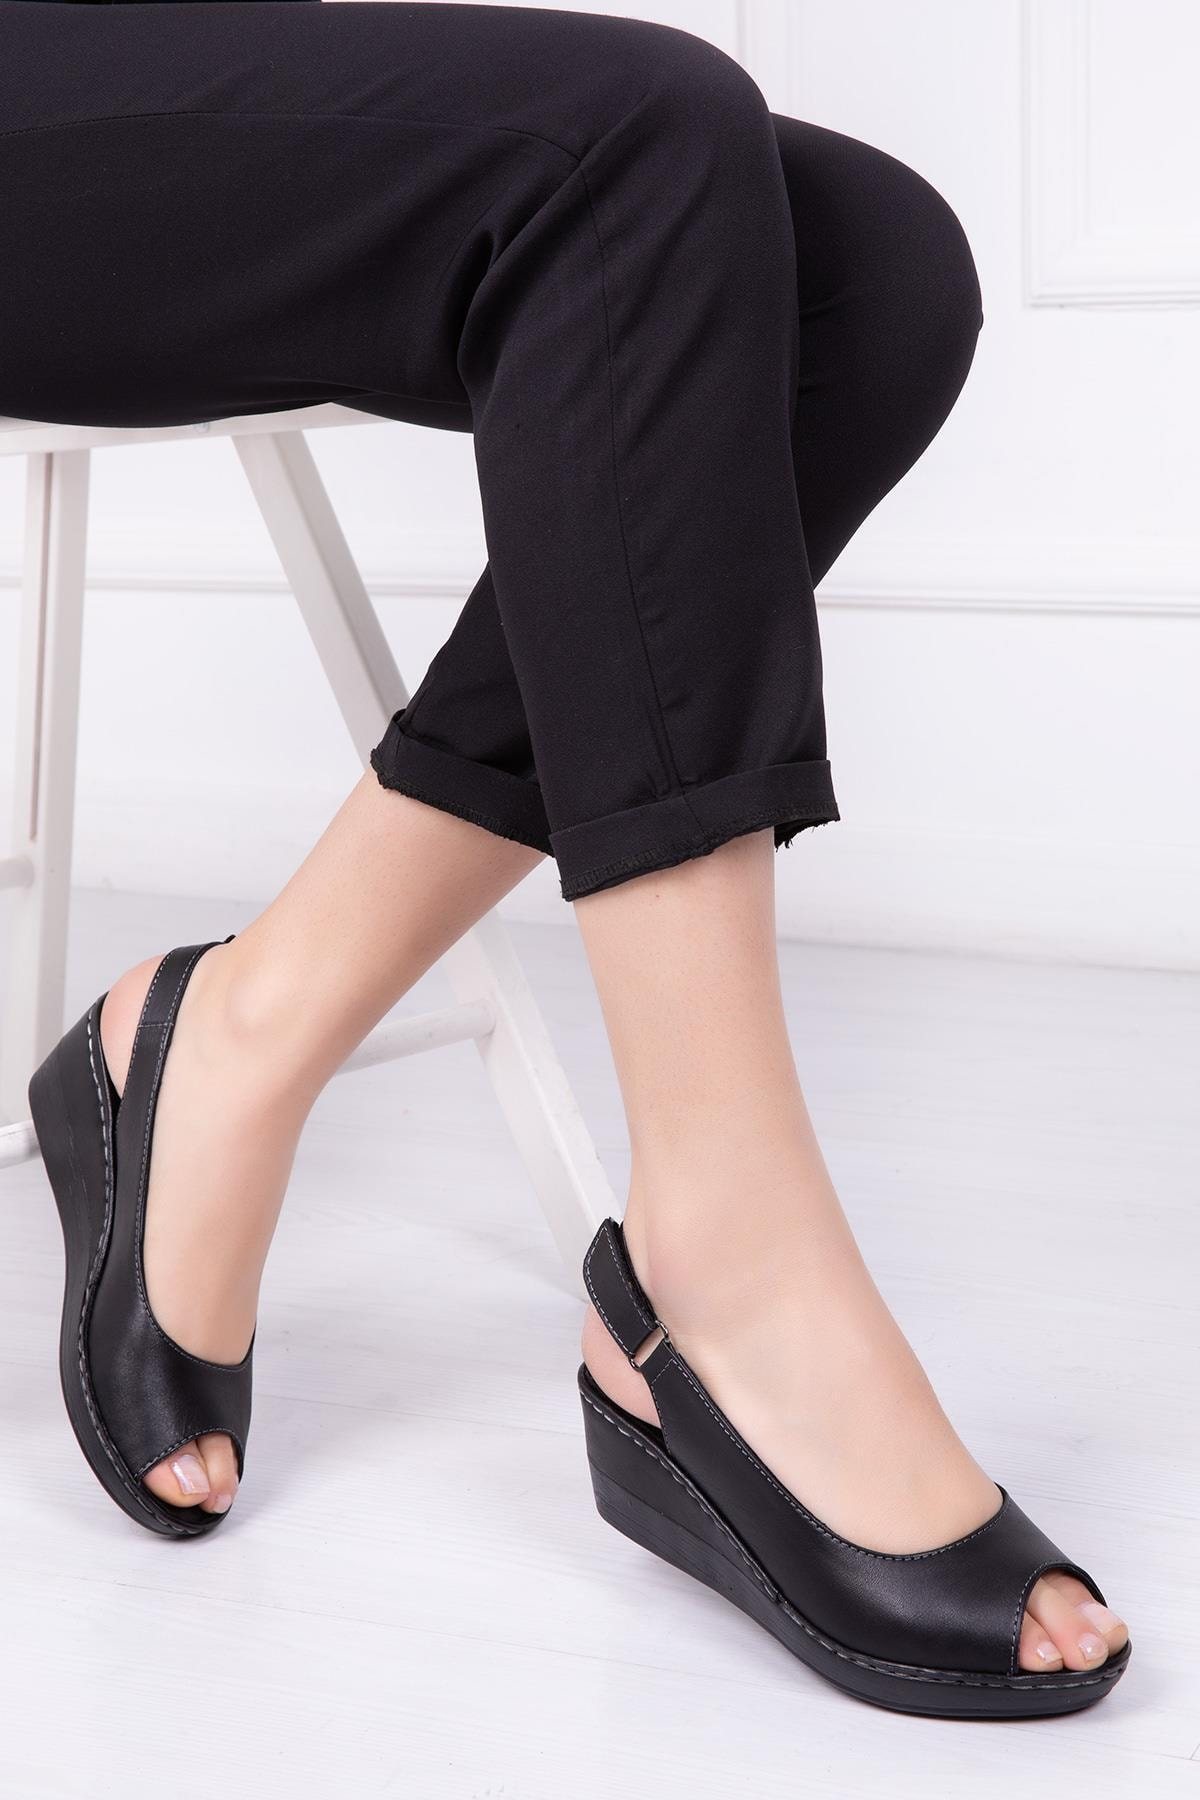 Deripabuc Hakiki Deri Siyah Kadın Dolgu Topuklu Deri Sandalet Crz-0402 1